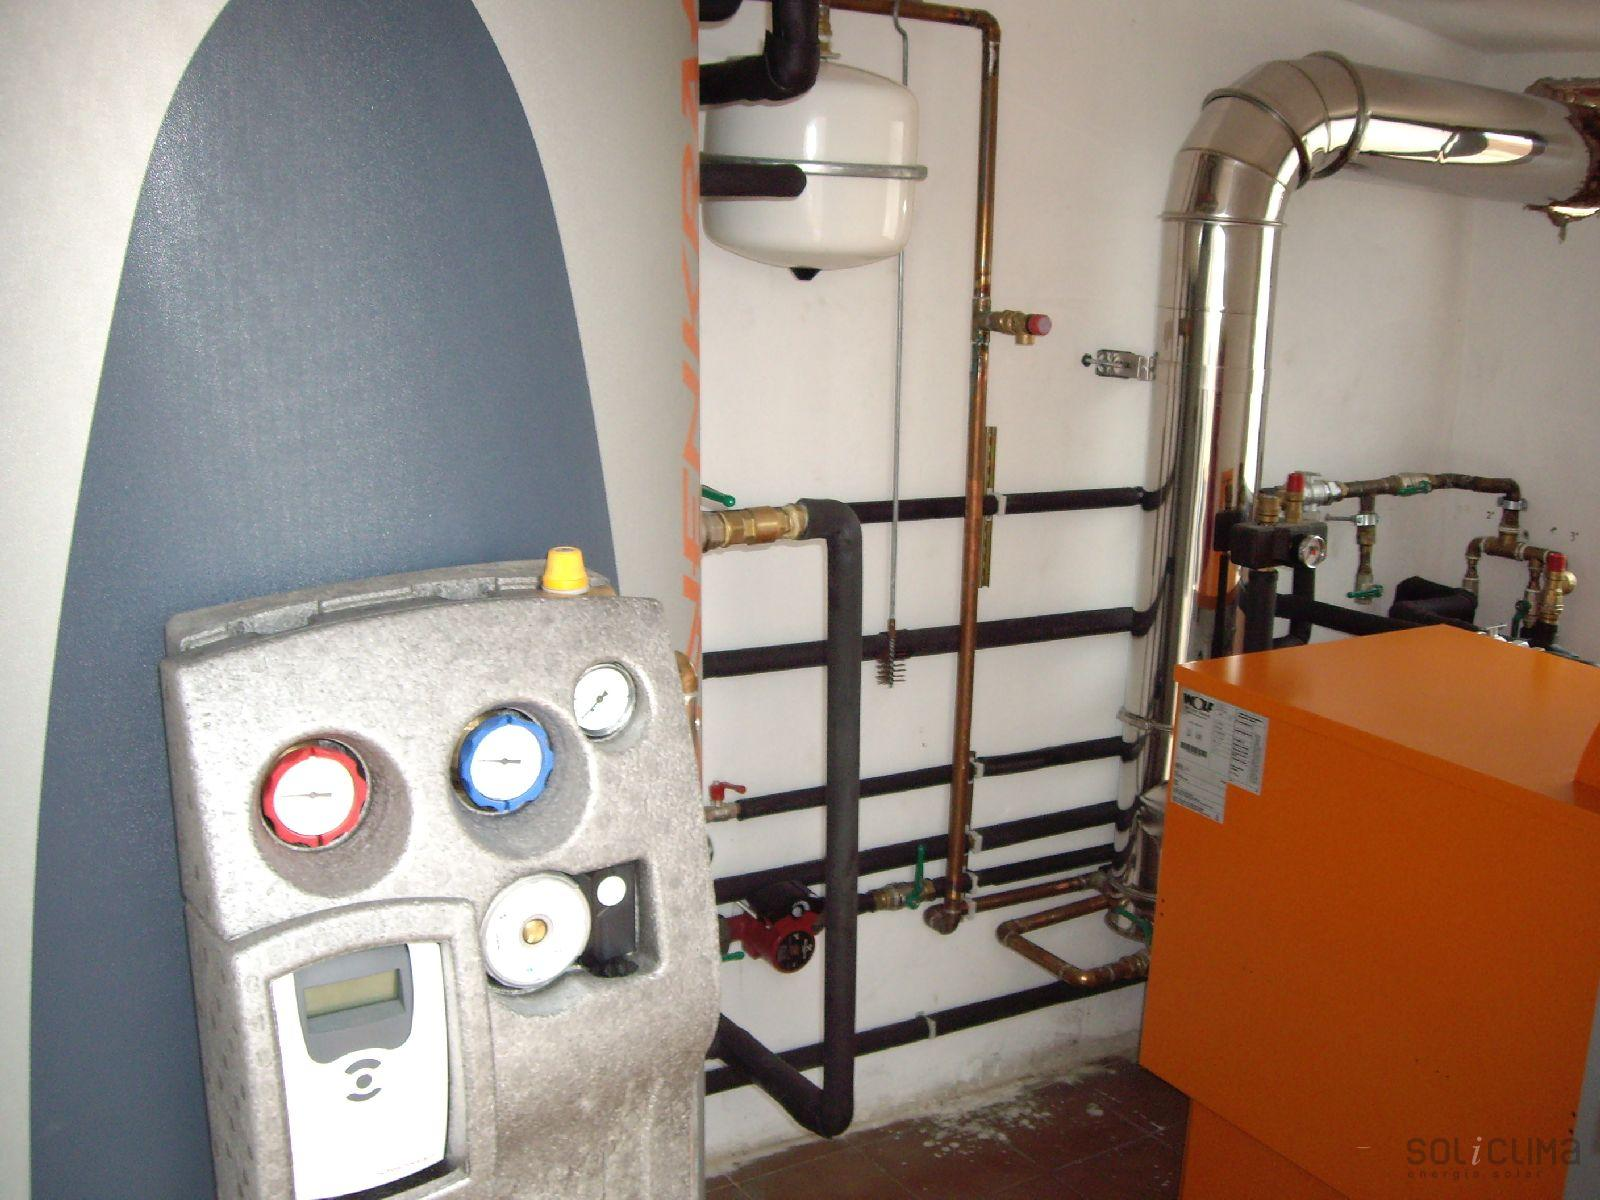 Calefacci n bajo consumo valencia - Sistemas de calefaccion bajo consumo ...